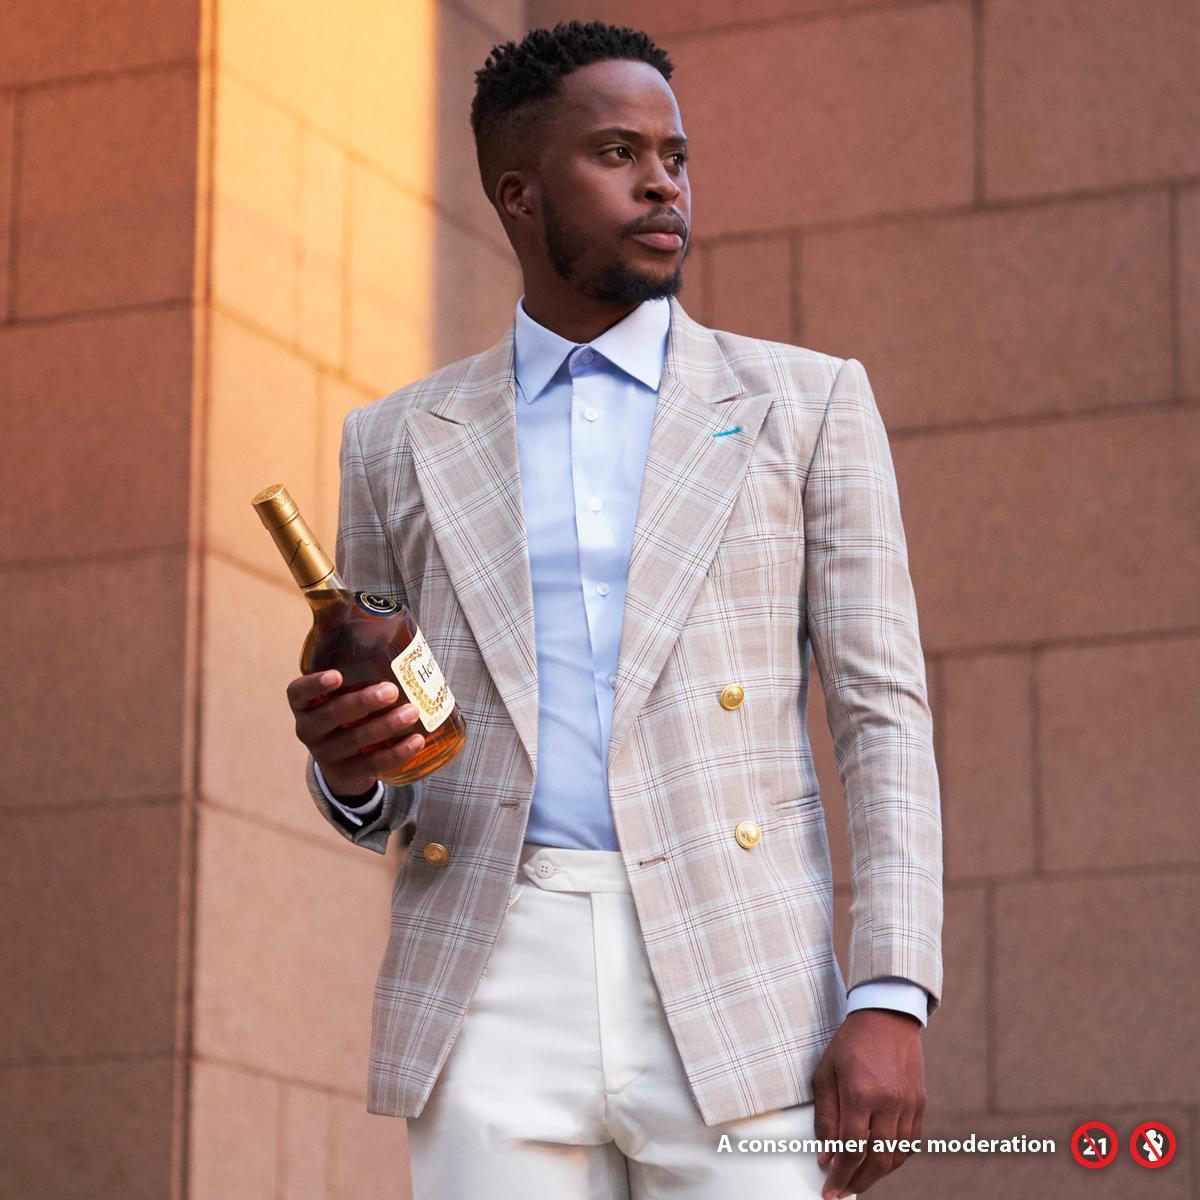 La maison Hennessy rend hommage aux jeunes entrepreneurs créatifs Africains